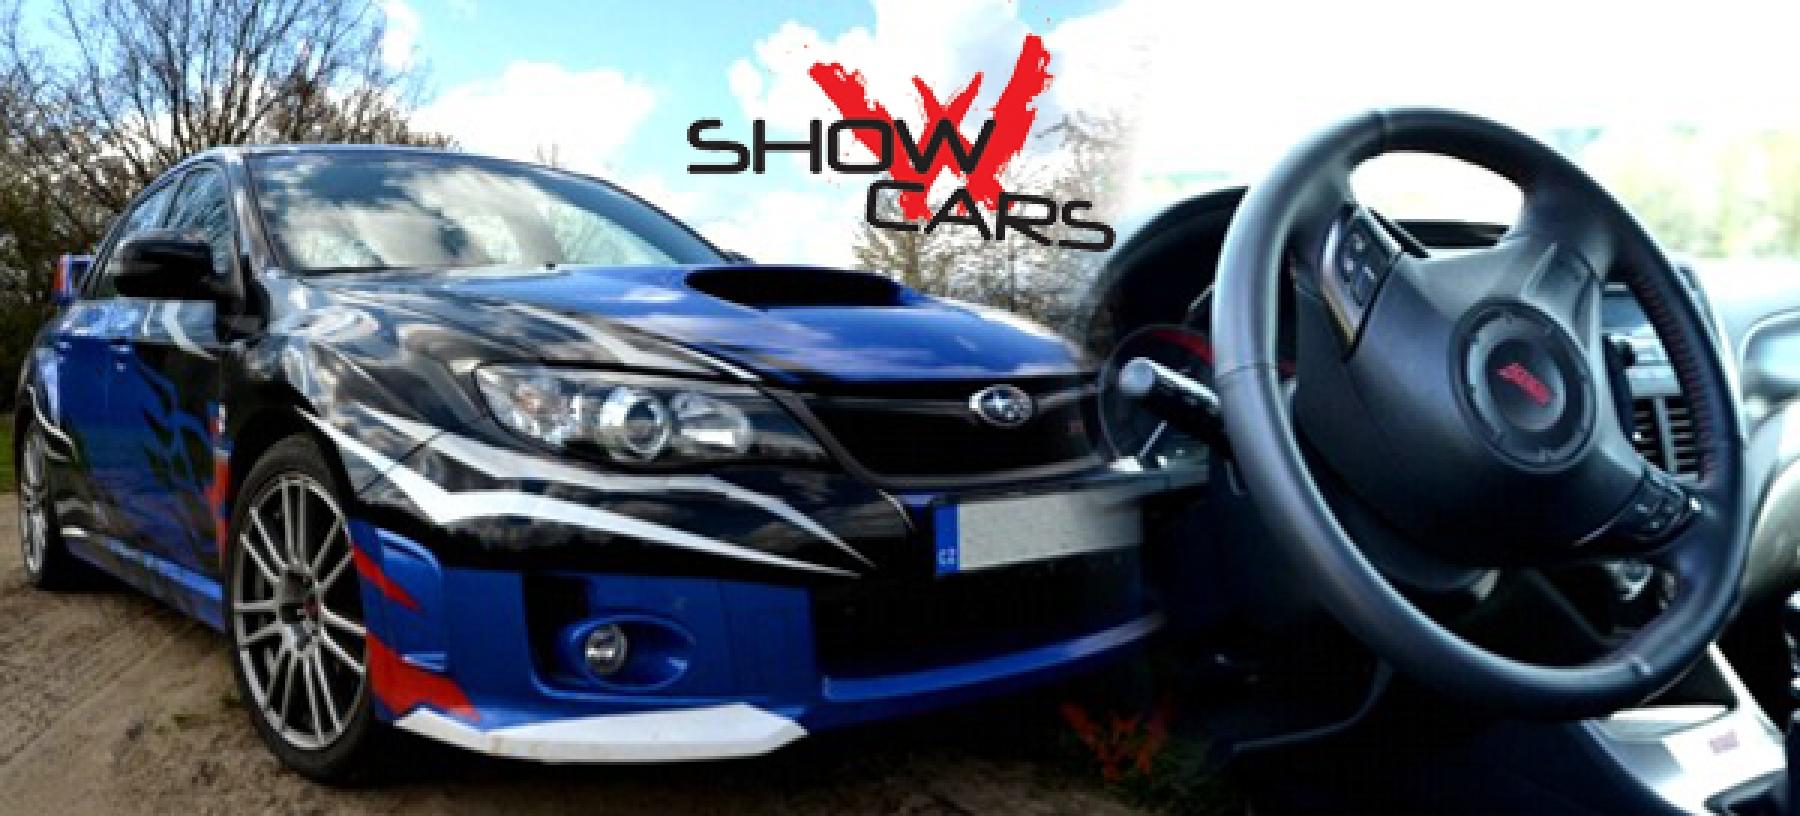 Rallye závodníkem v Subaru Impreza WRX STI